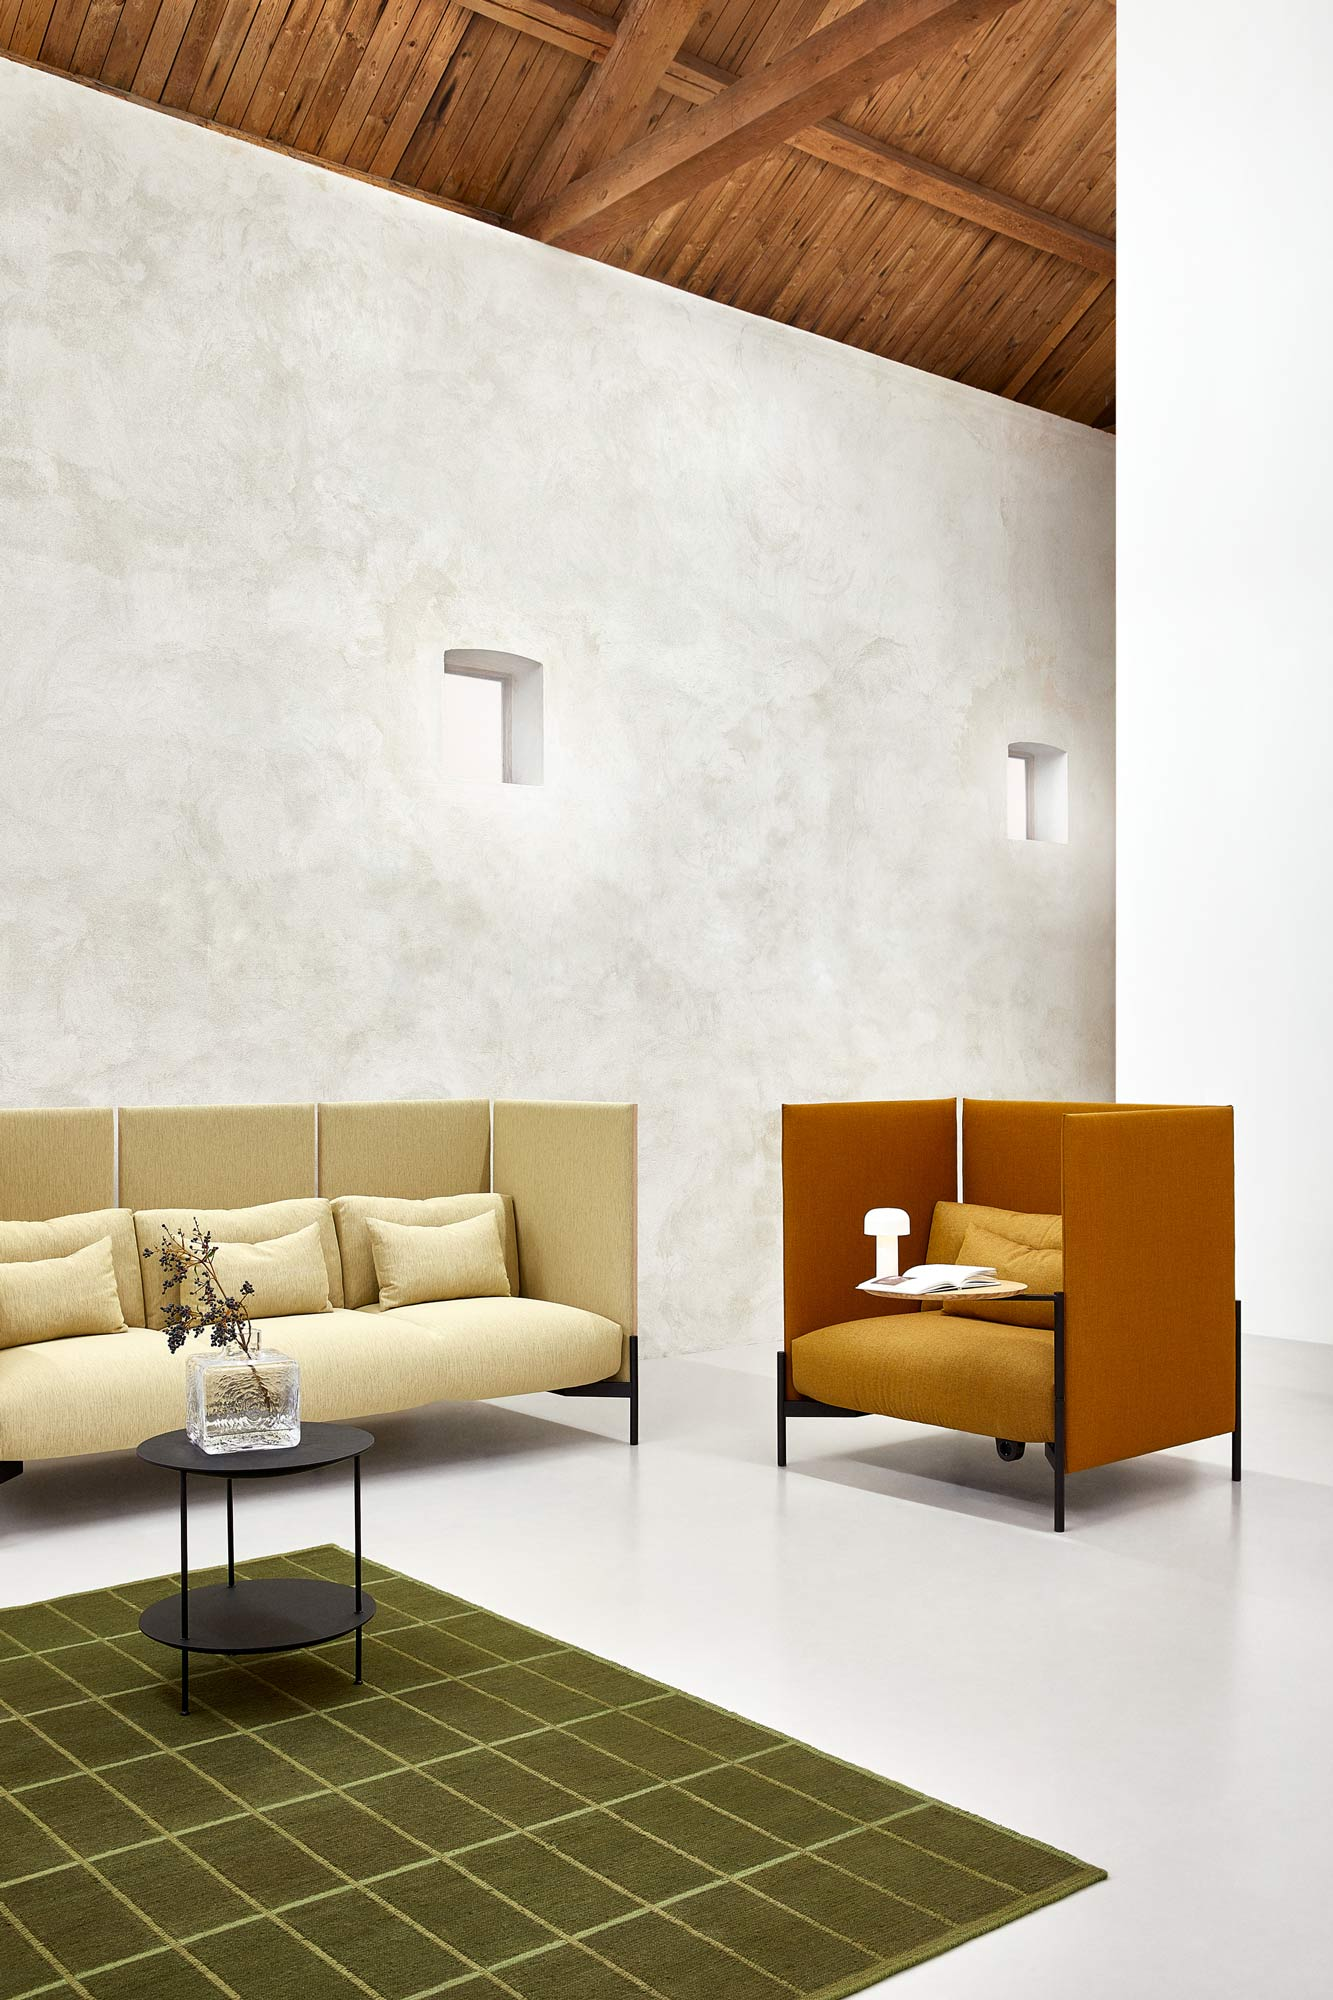 Modulares Sitzmöbelsystem von Todd Bracher für Fogia